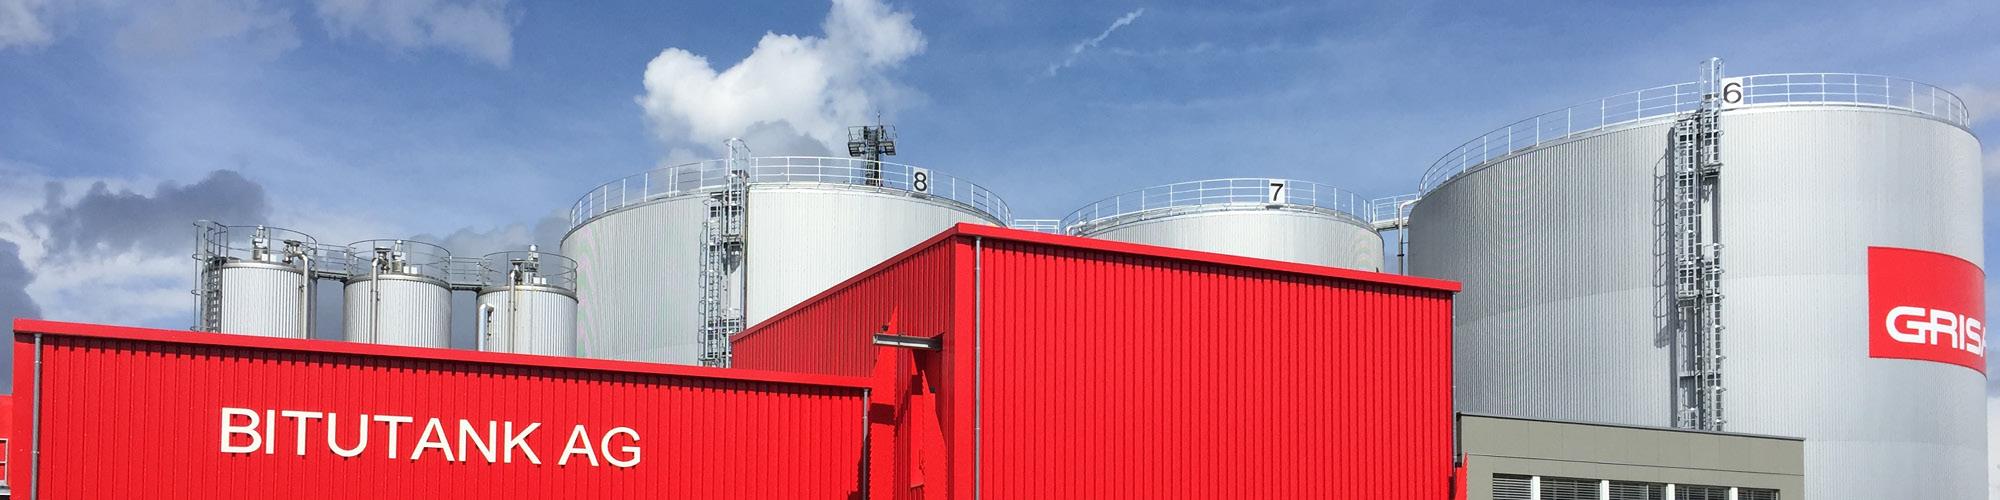 Grisard Bitumen Dienstleistungen Banner